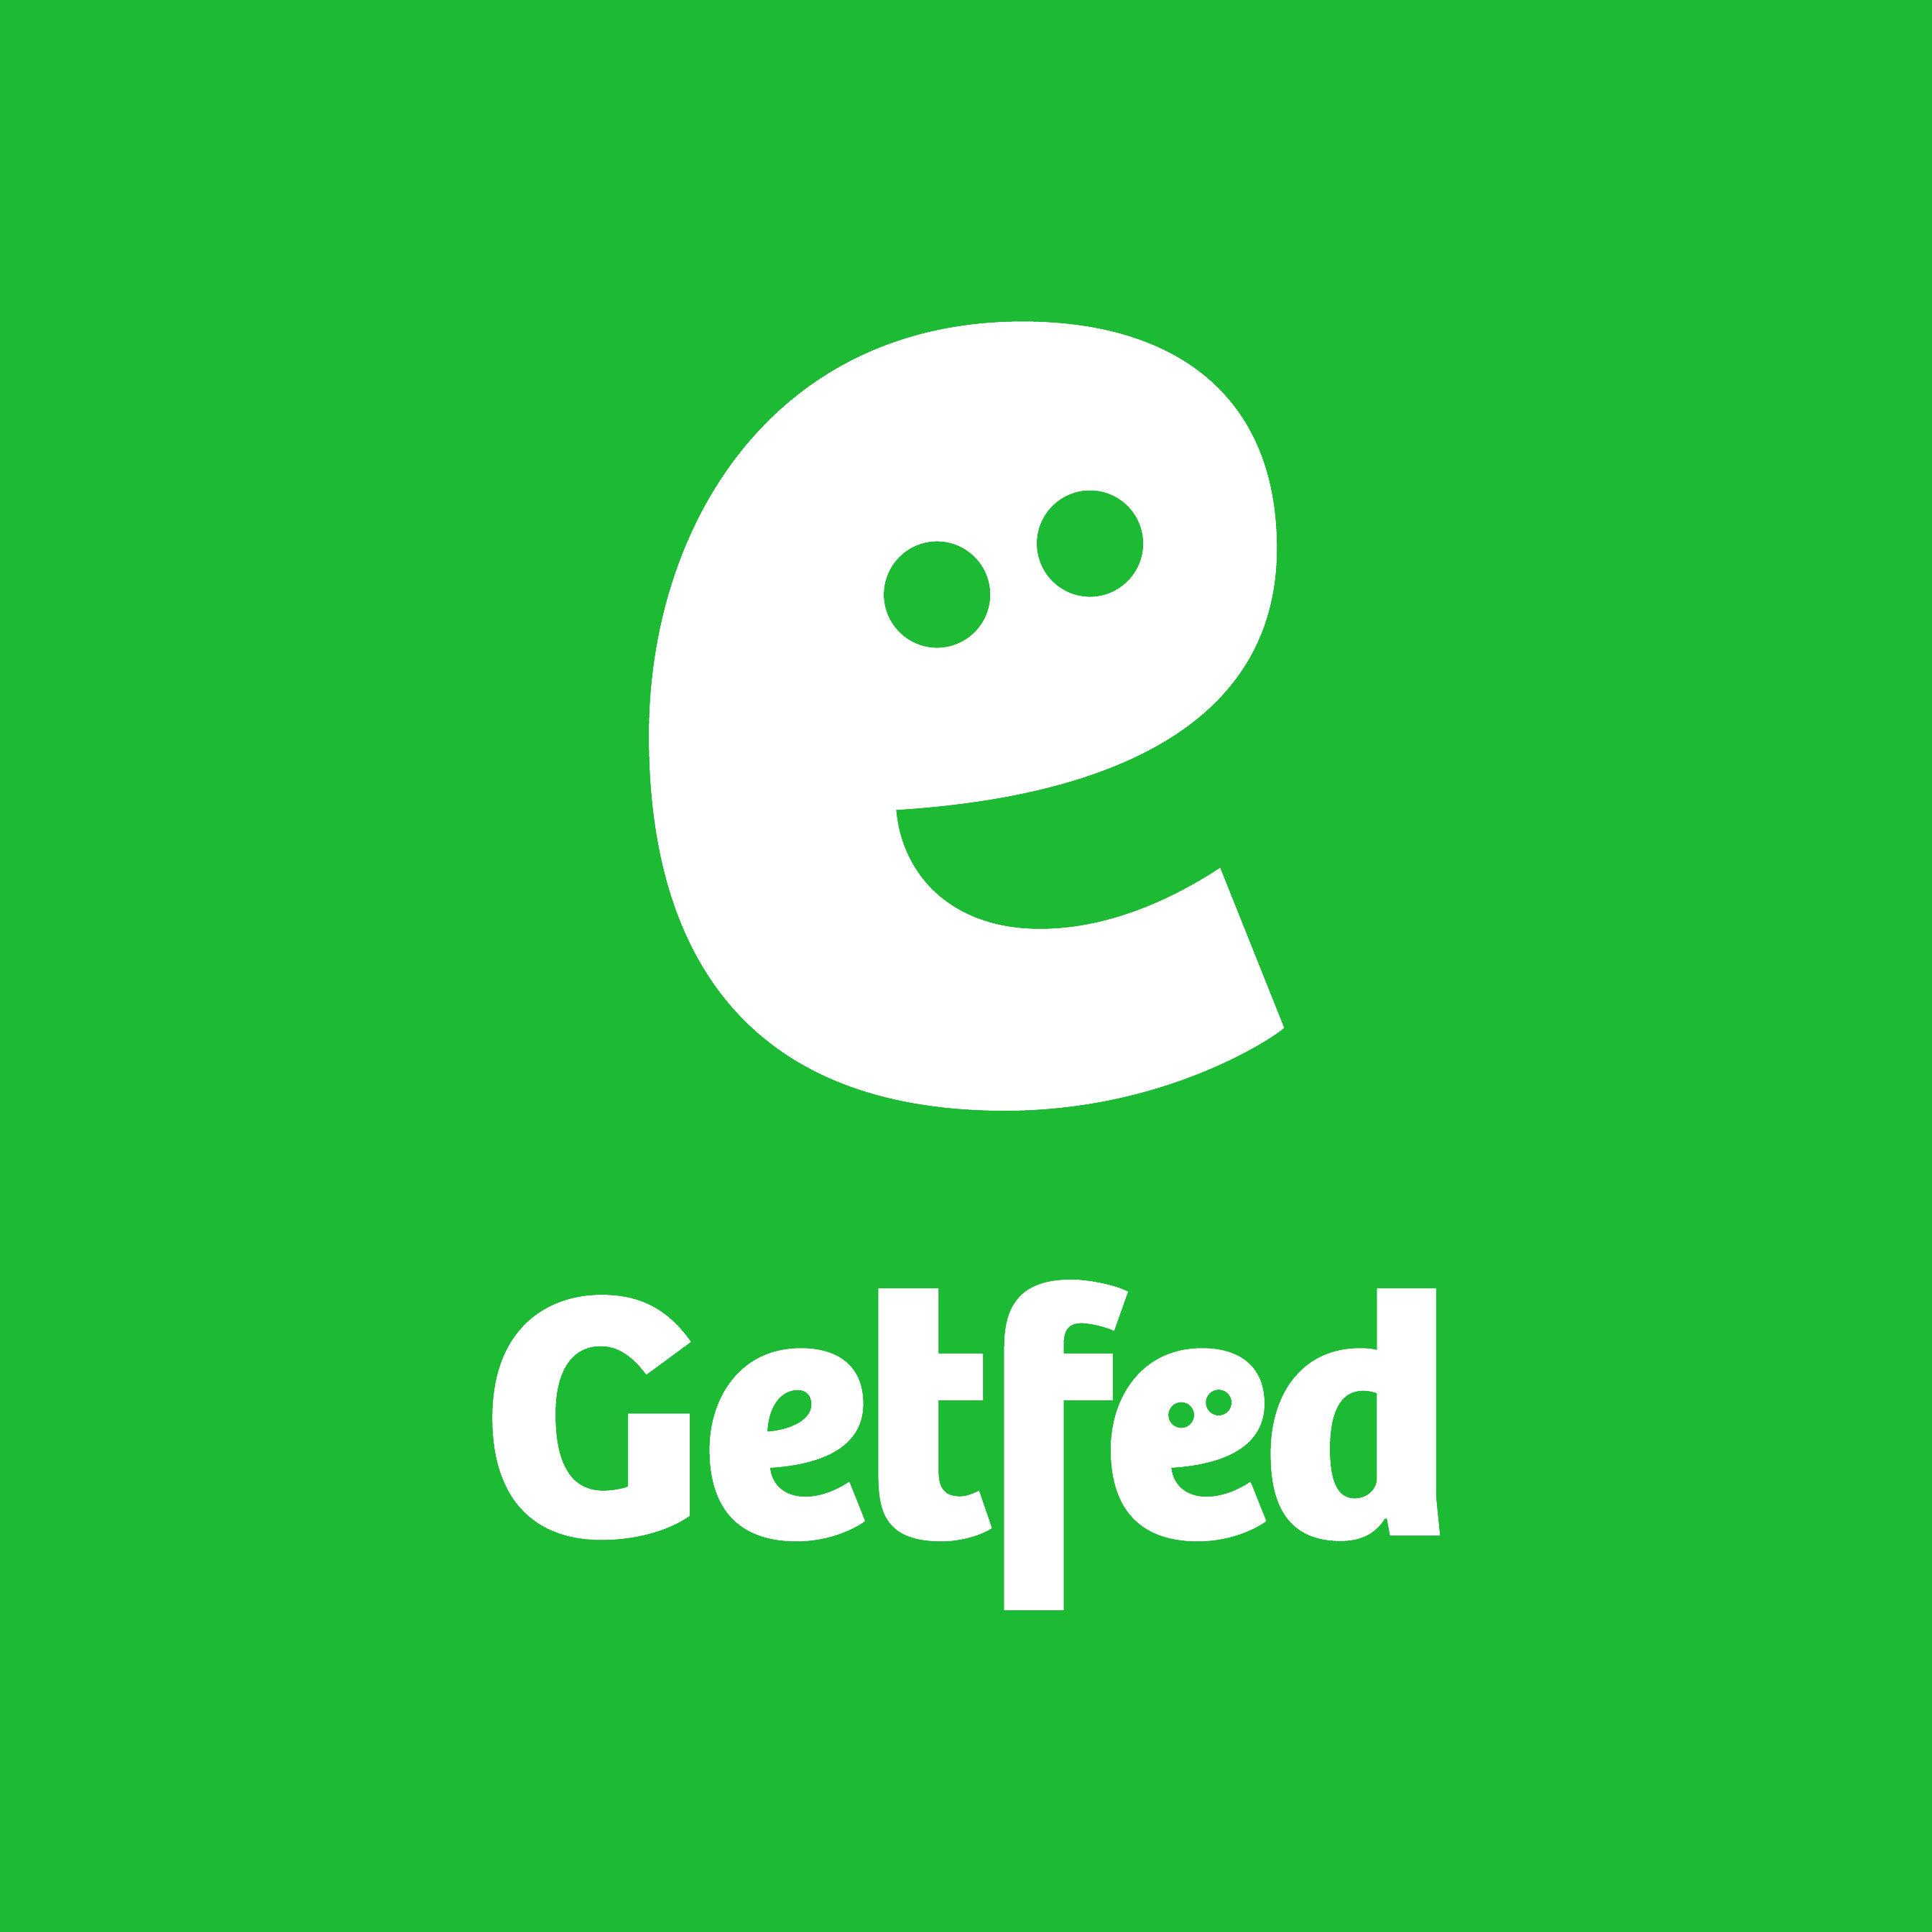 NeighbourhoodFood Ltd, t/a GetFed